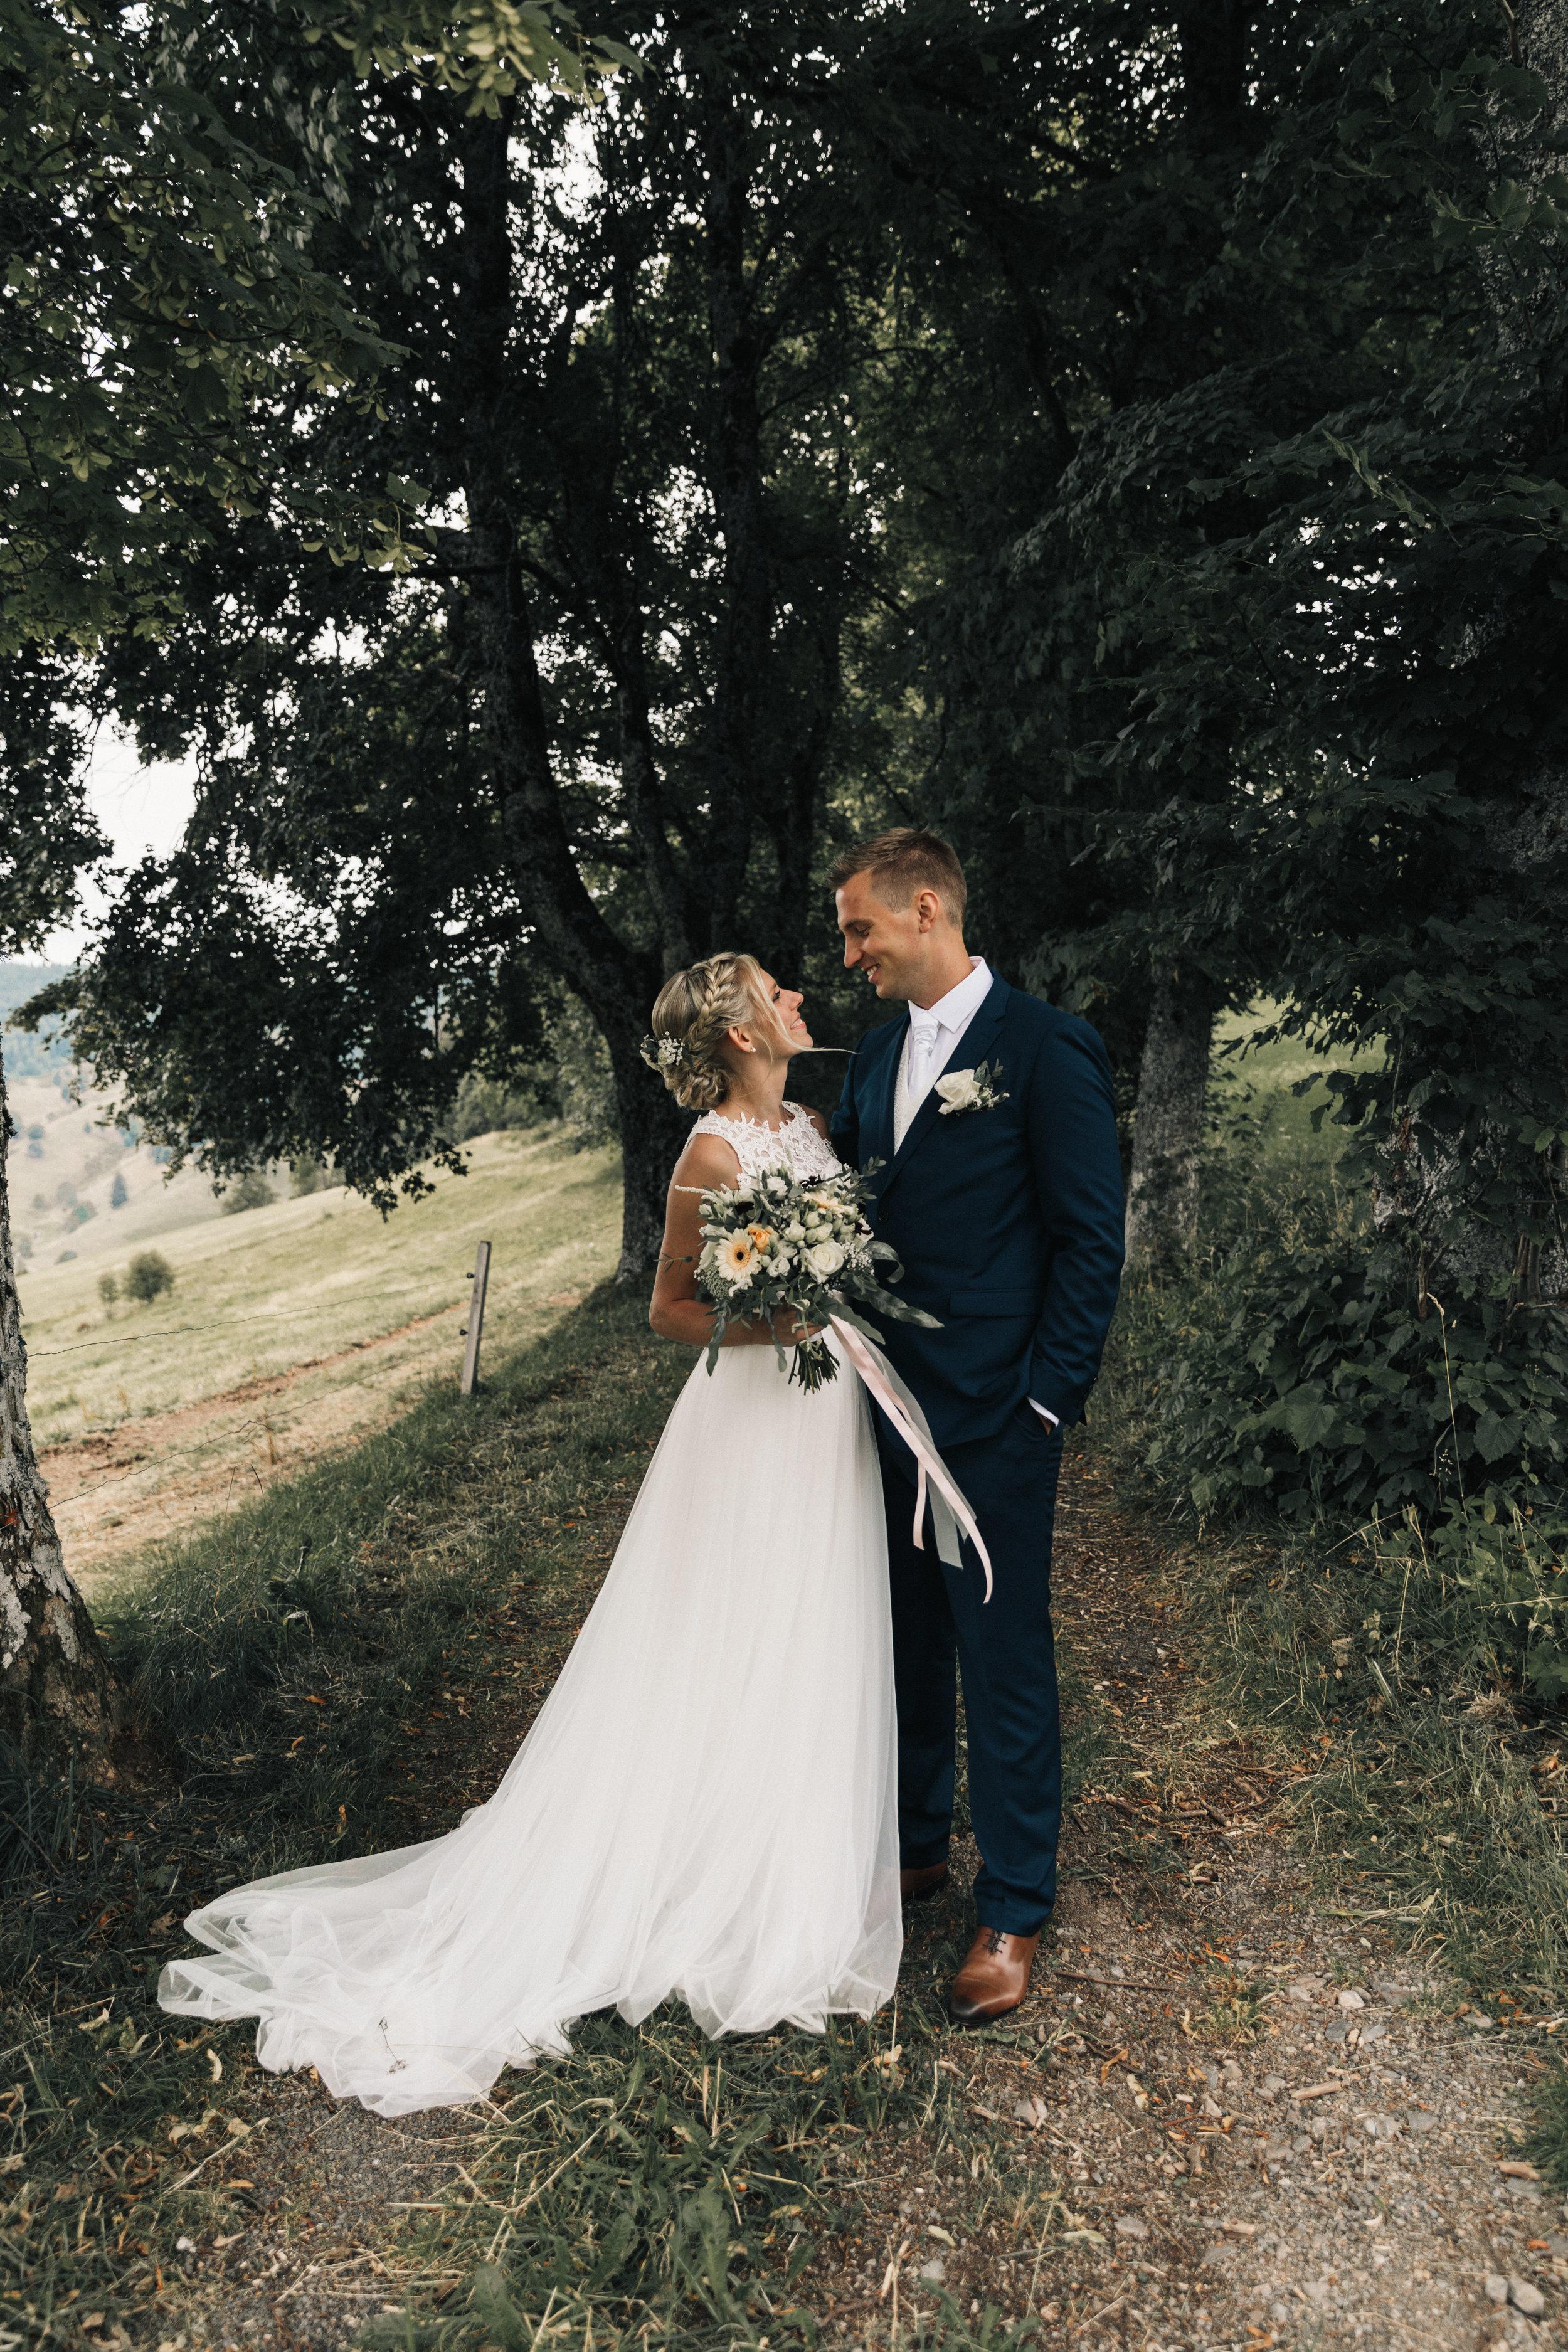 197-ltw-eva-kris-wedding.jpg